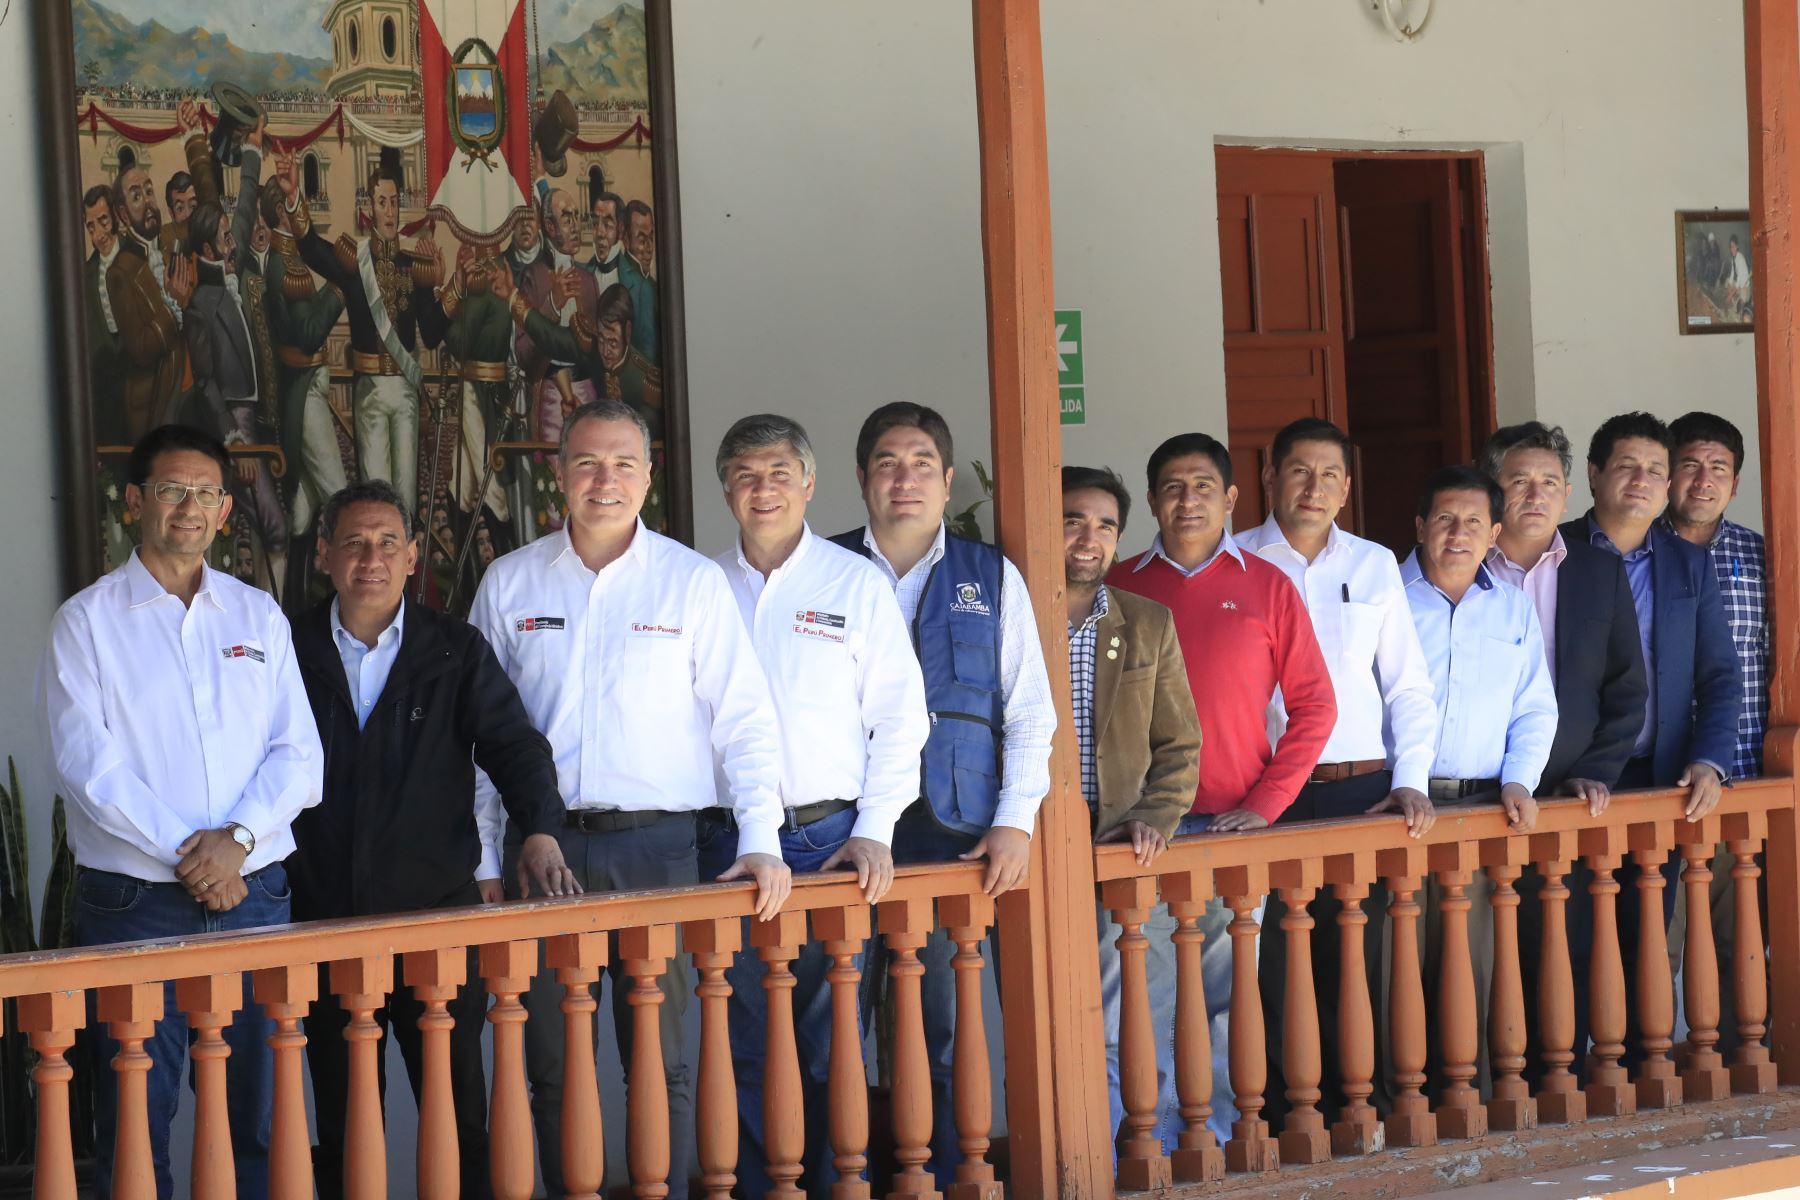 El presidente del Consejo de Ministros, Salvador del Solar y el ministro de Vivienda se reúnen con los alcaldes distritales de Cajamarca. Foto: ANDINA/Juan Carlos Guzmán